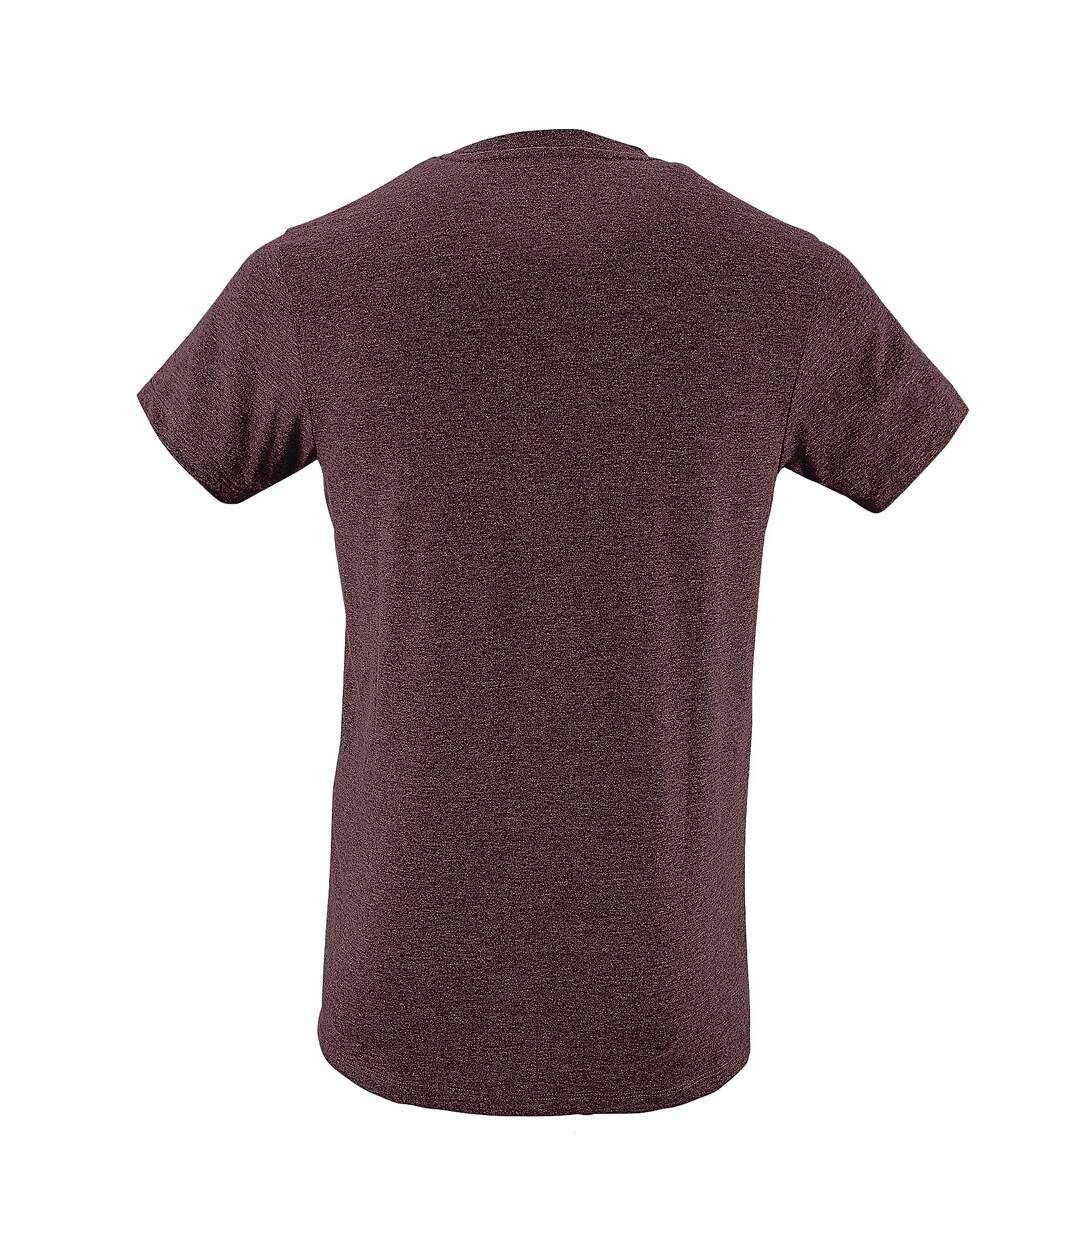 SOLS - T-shirt REGENT - Homme (Bordeaux chiné) - UTPC506